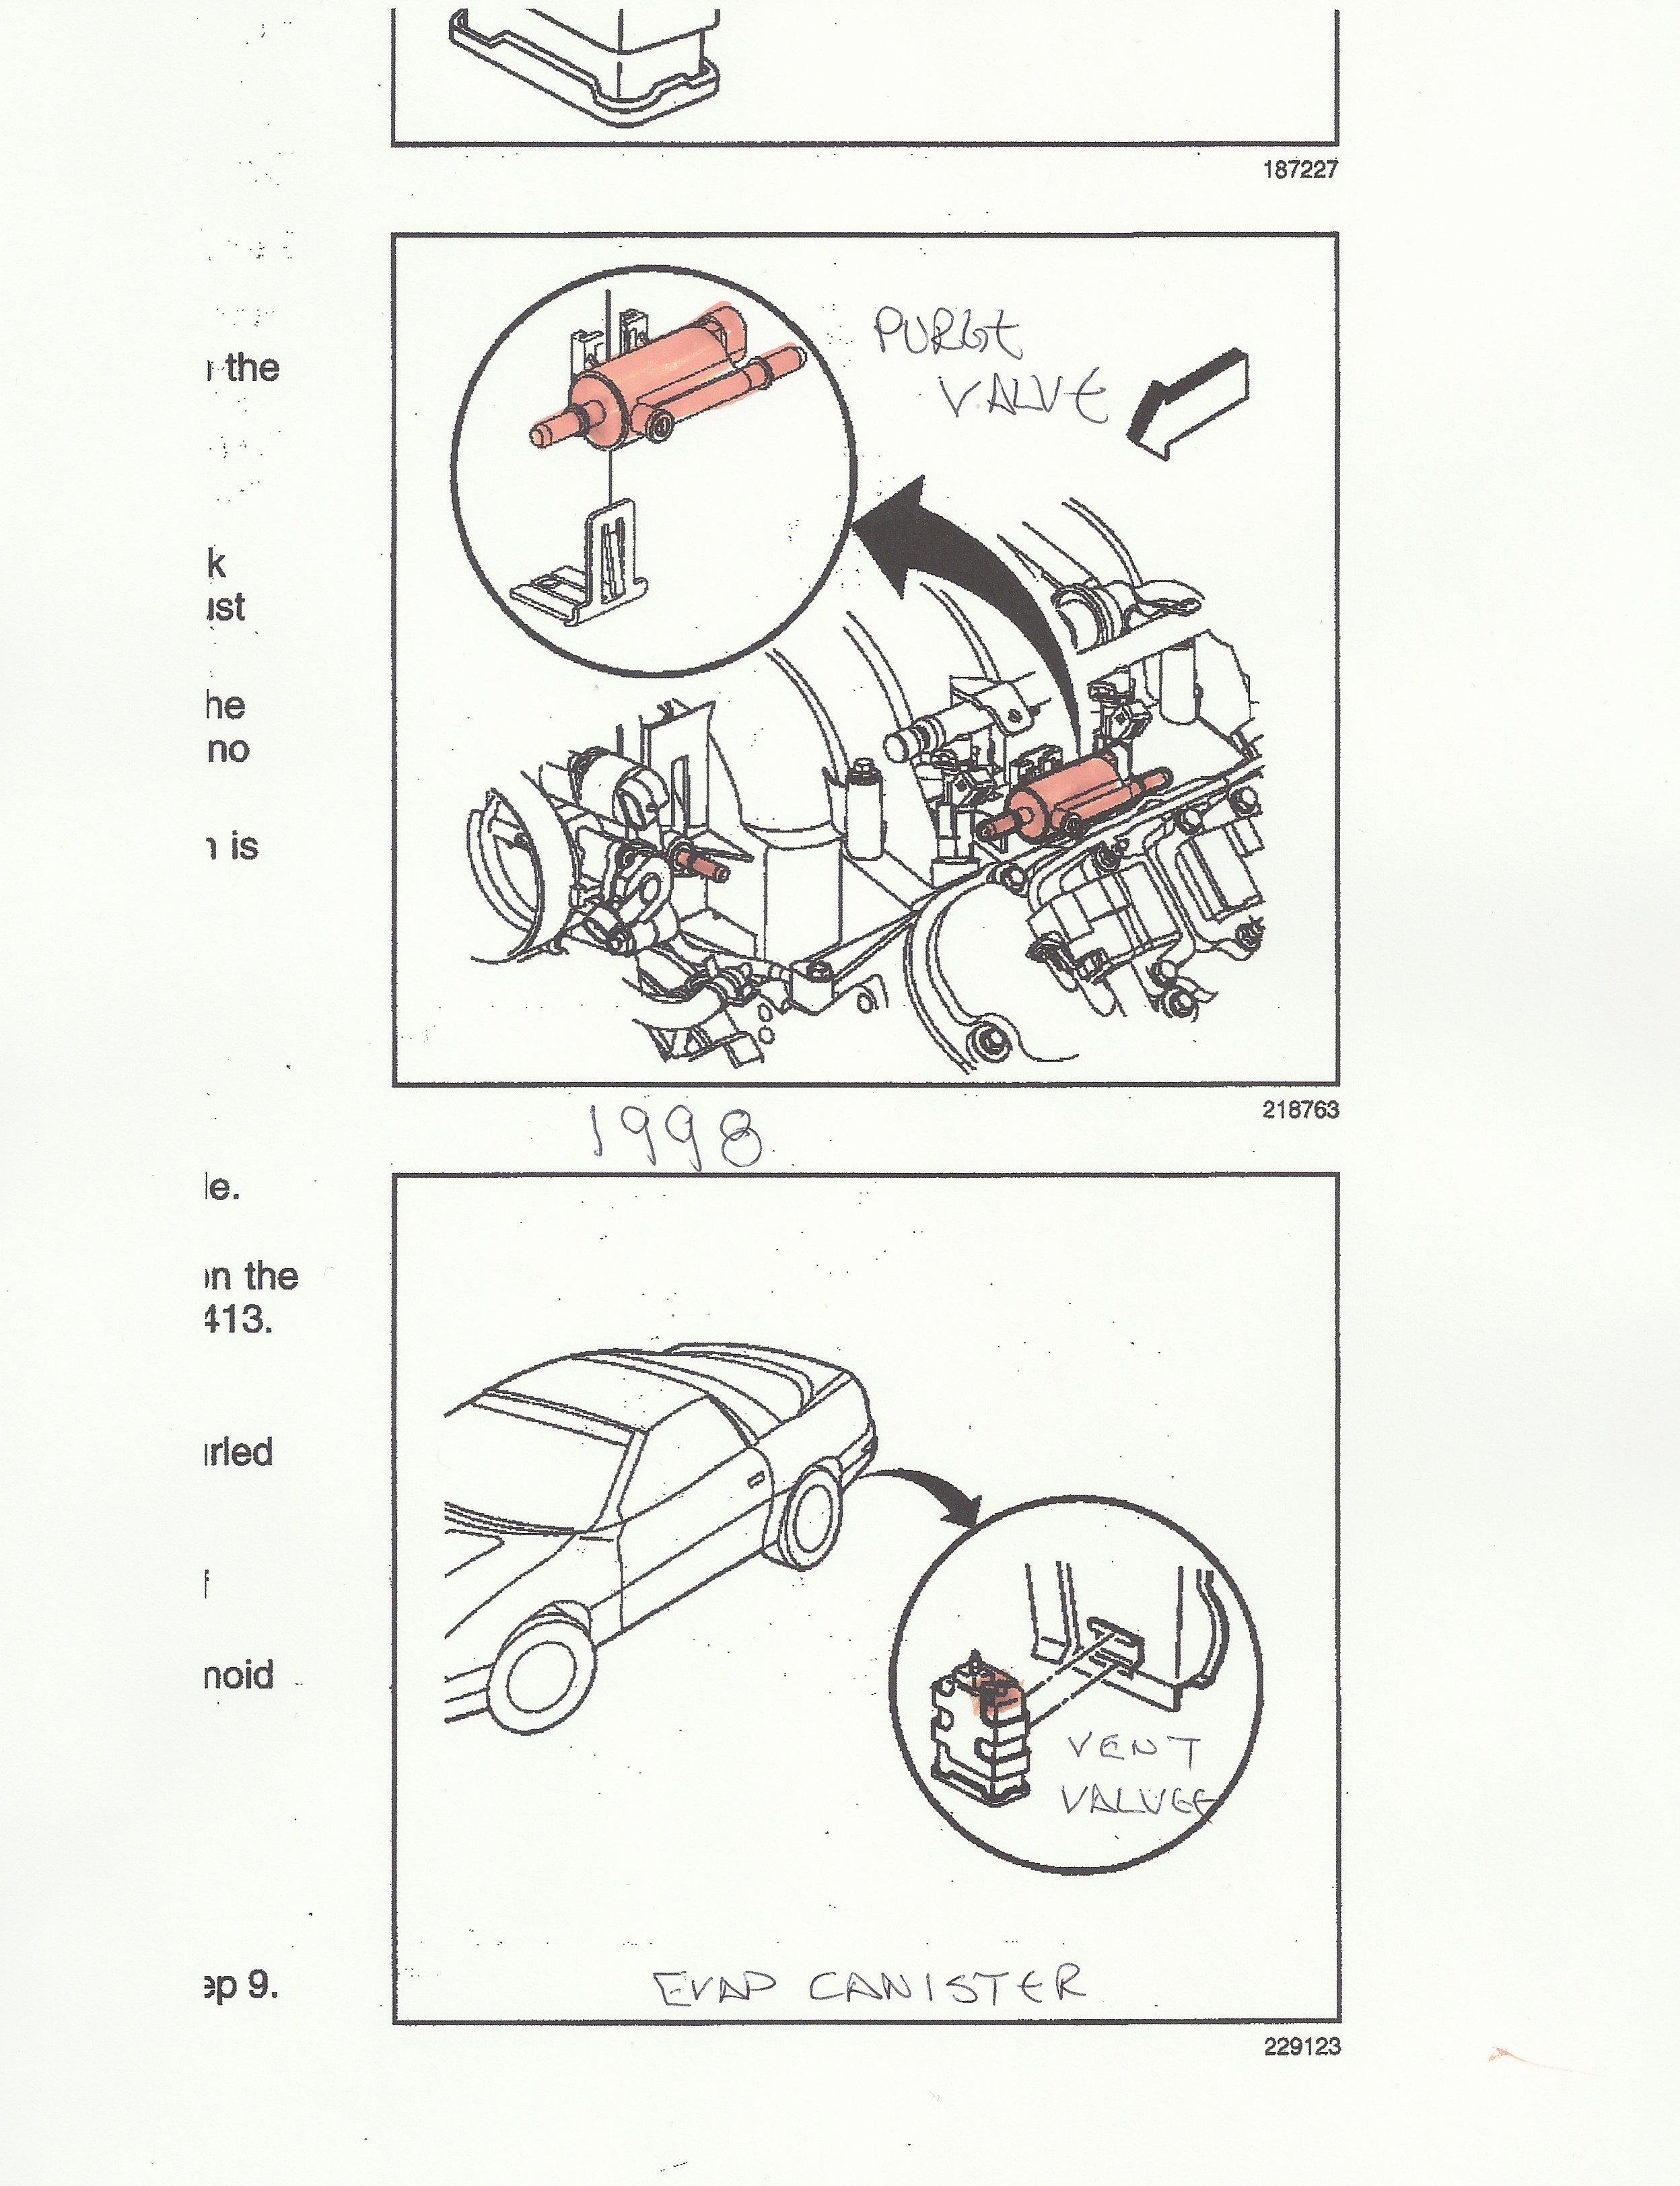 95 Camaro Z28 Wiring Diagram